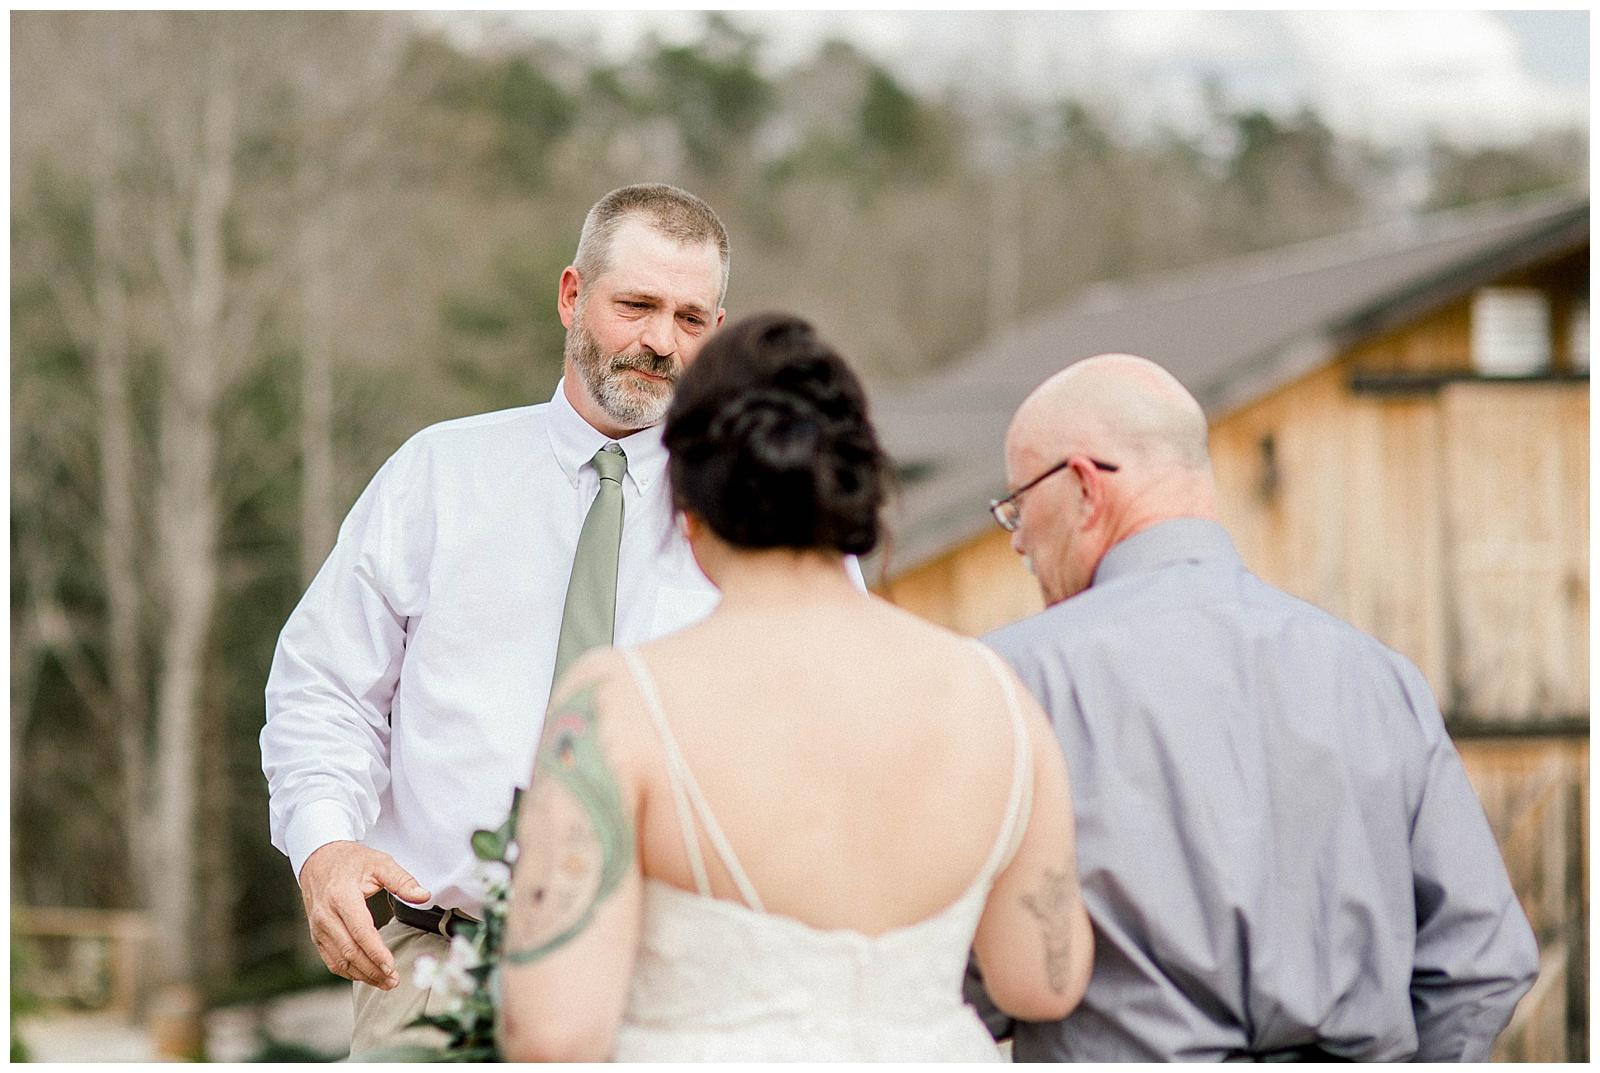 Lewis-Kara-Blakeman-Photography-Huntington-West-Virginia-Wedding-Barn-Olde-Homestead-24